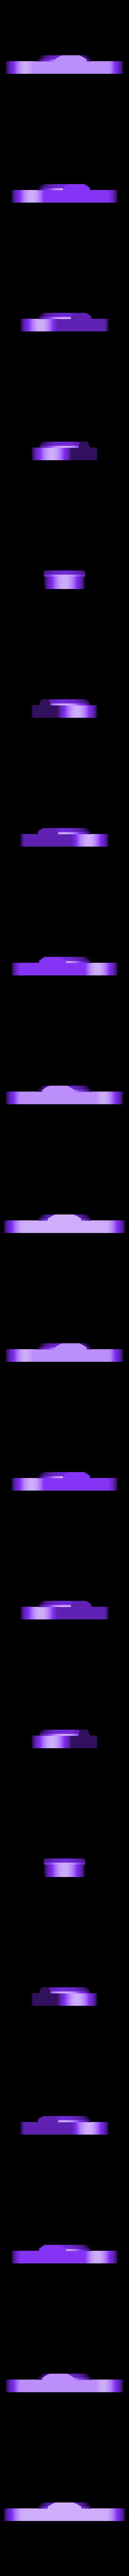 up.stl Télécharger fichier STL gratuit Moraillon de style classique pour boîtes • Design pour imprimante 3D, raffosan